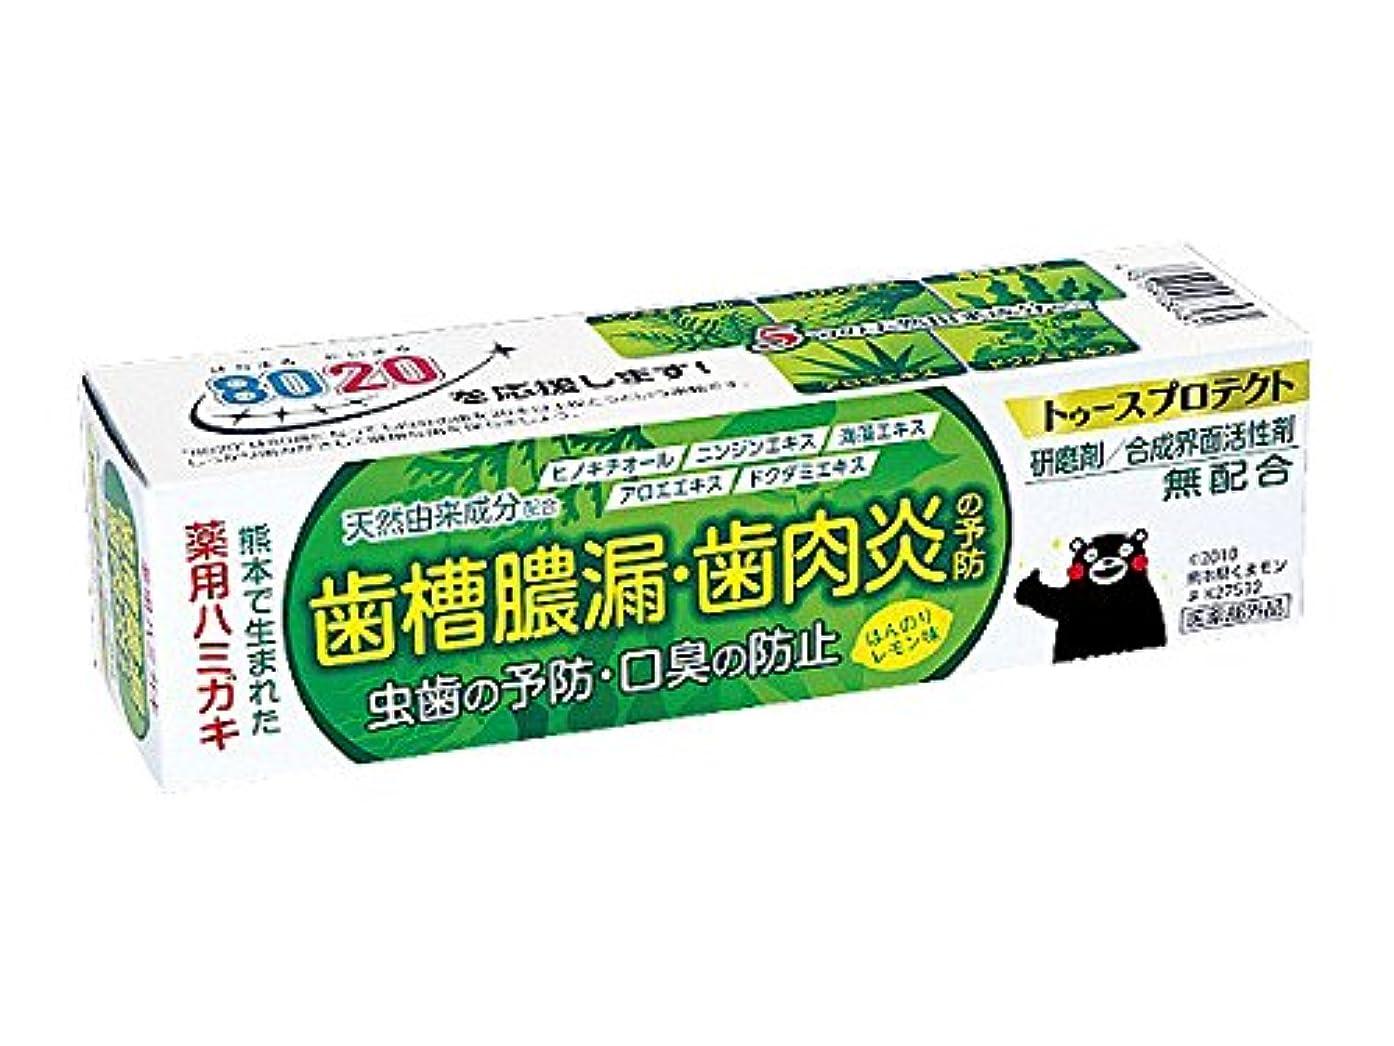 ブームコインランドリー受け皿トゥースプロテクト100g [医薬部外品]